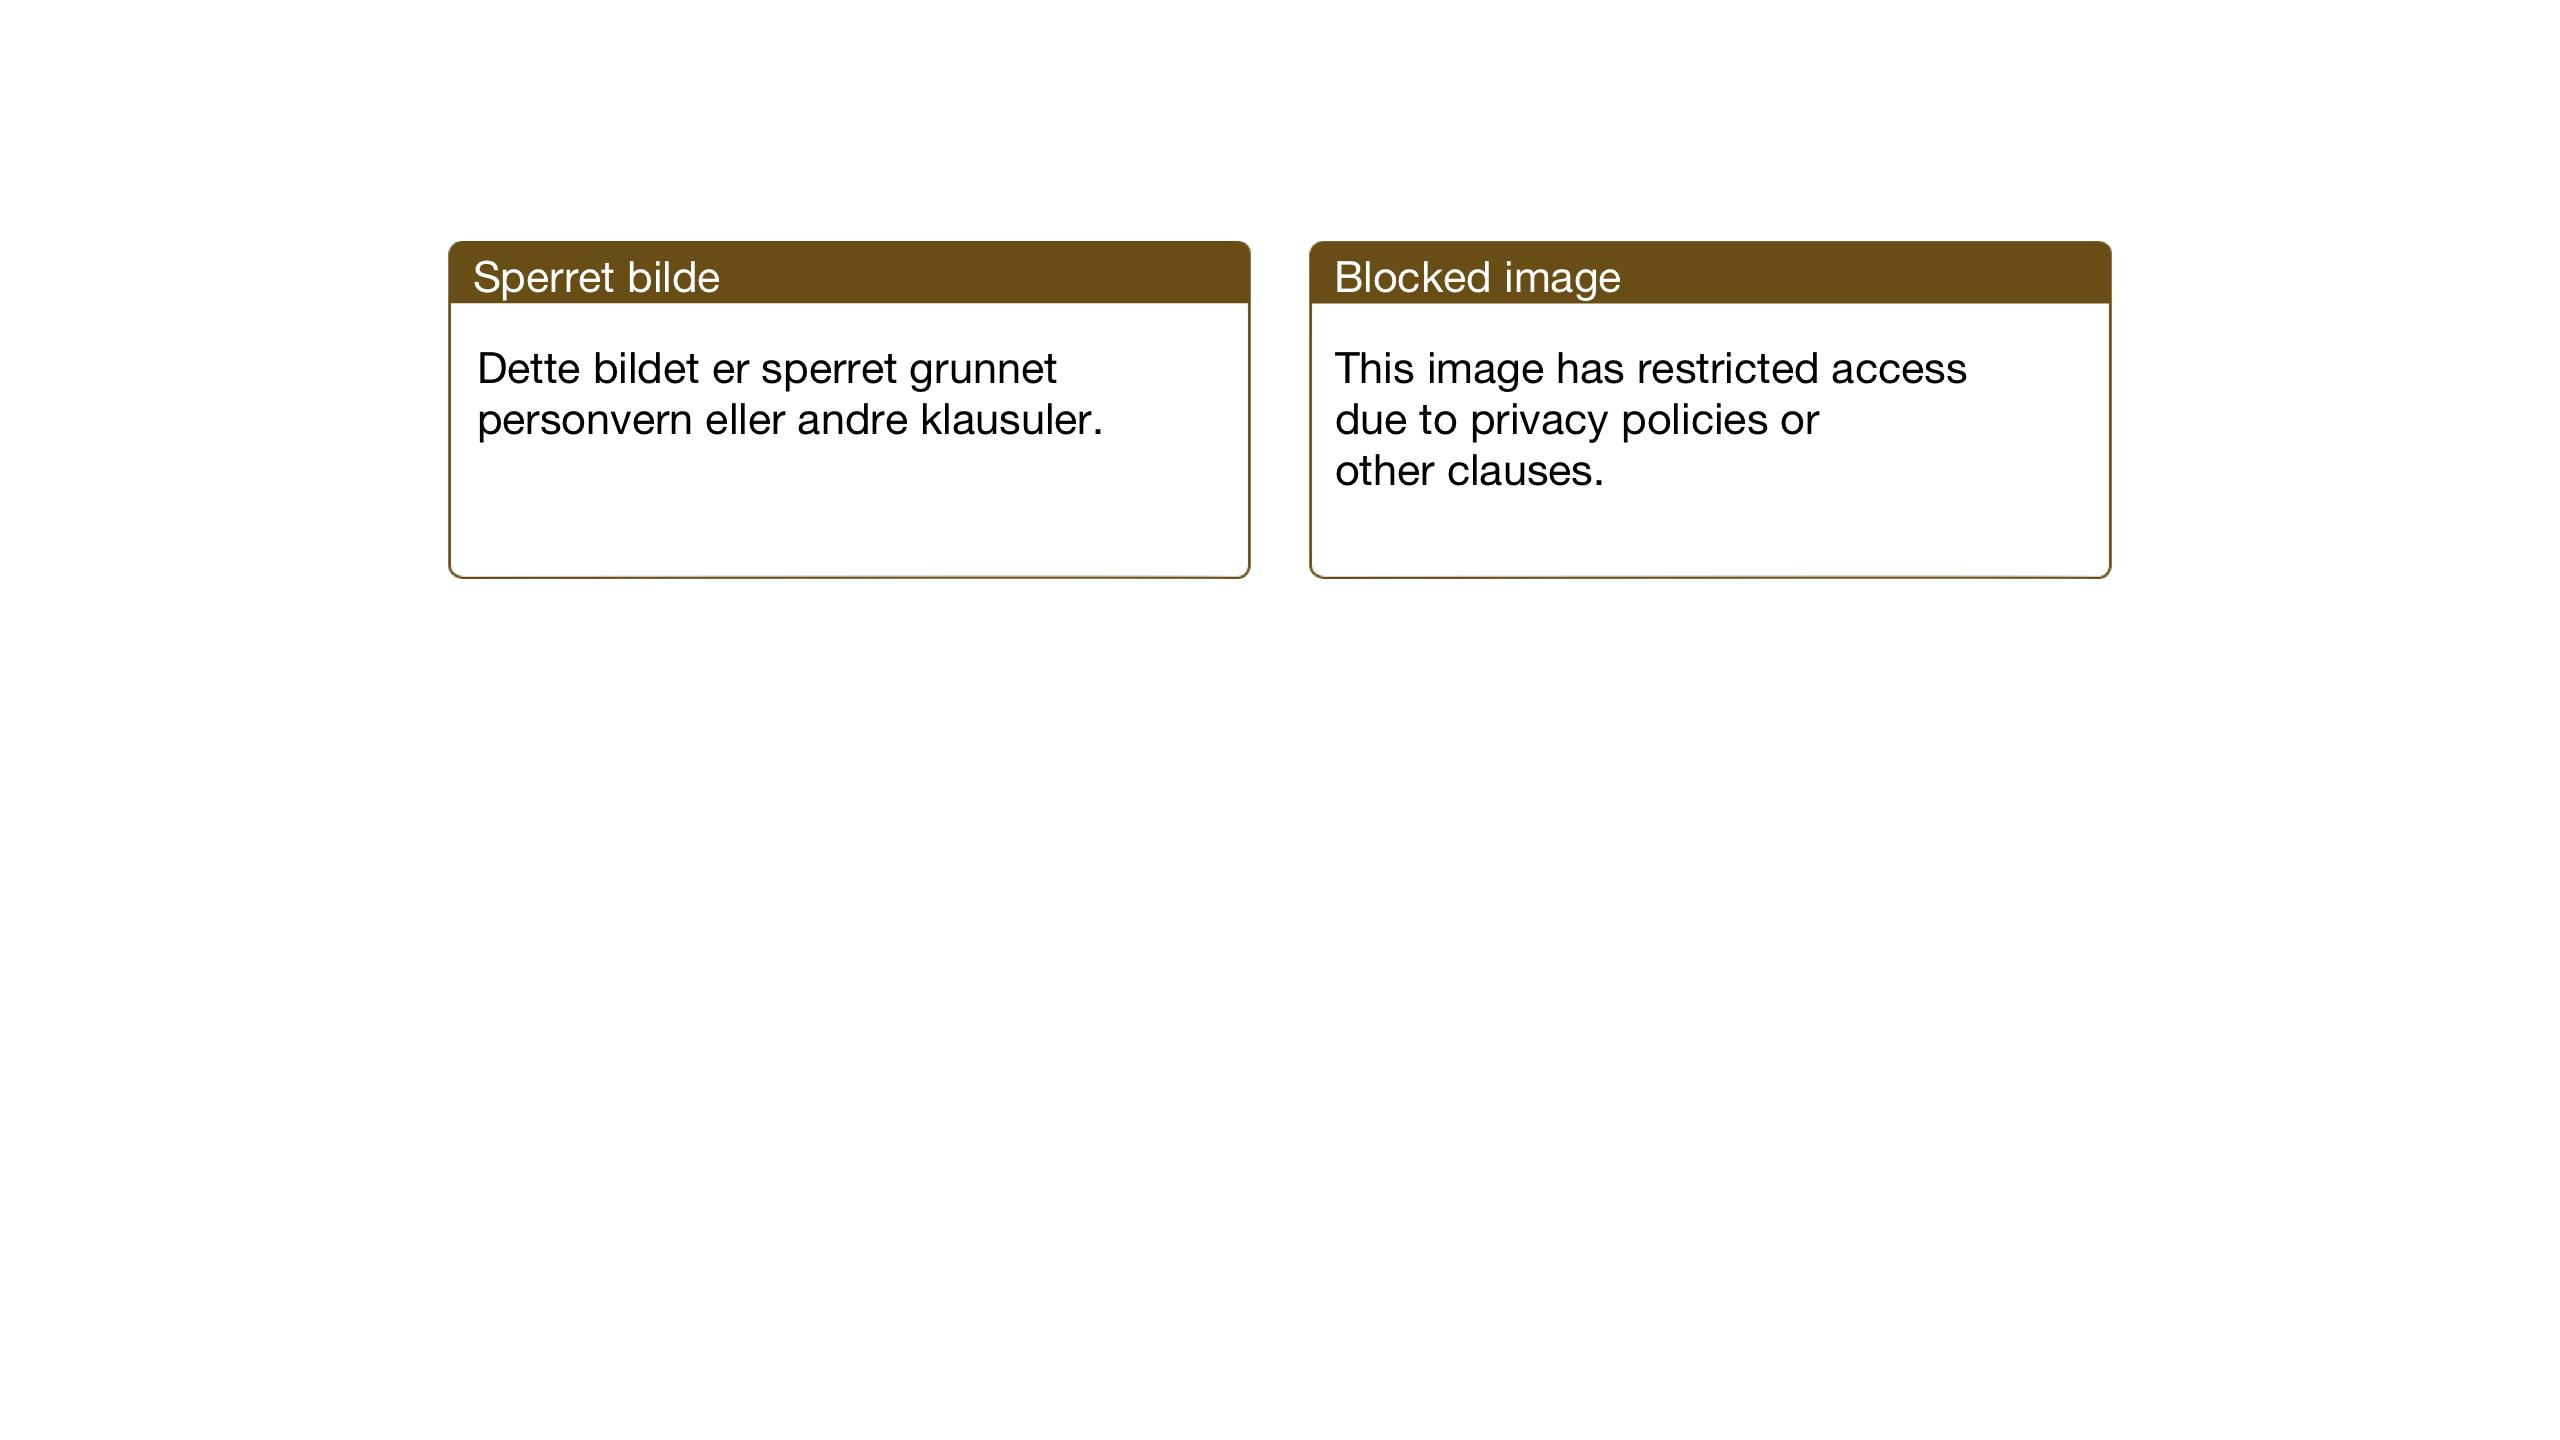 SAT, Ministerialprotokoller, klokkerbøker og fødselsregistre - Nord-Trøndelag, 780/L0654: Klokkerbok nr. 780C06, 1928-1942, s. 104